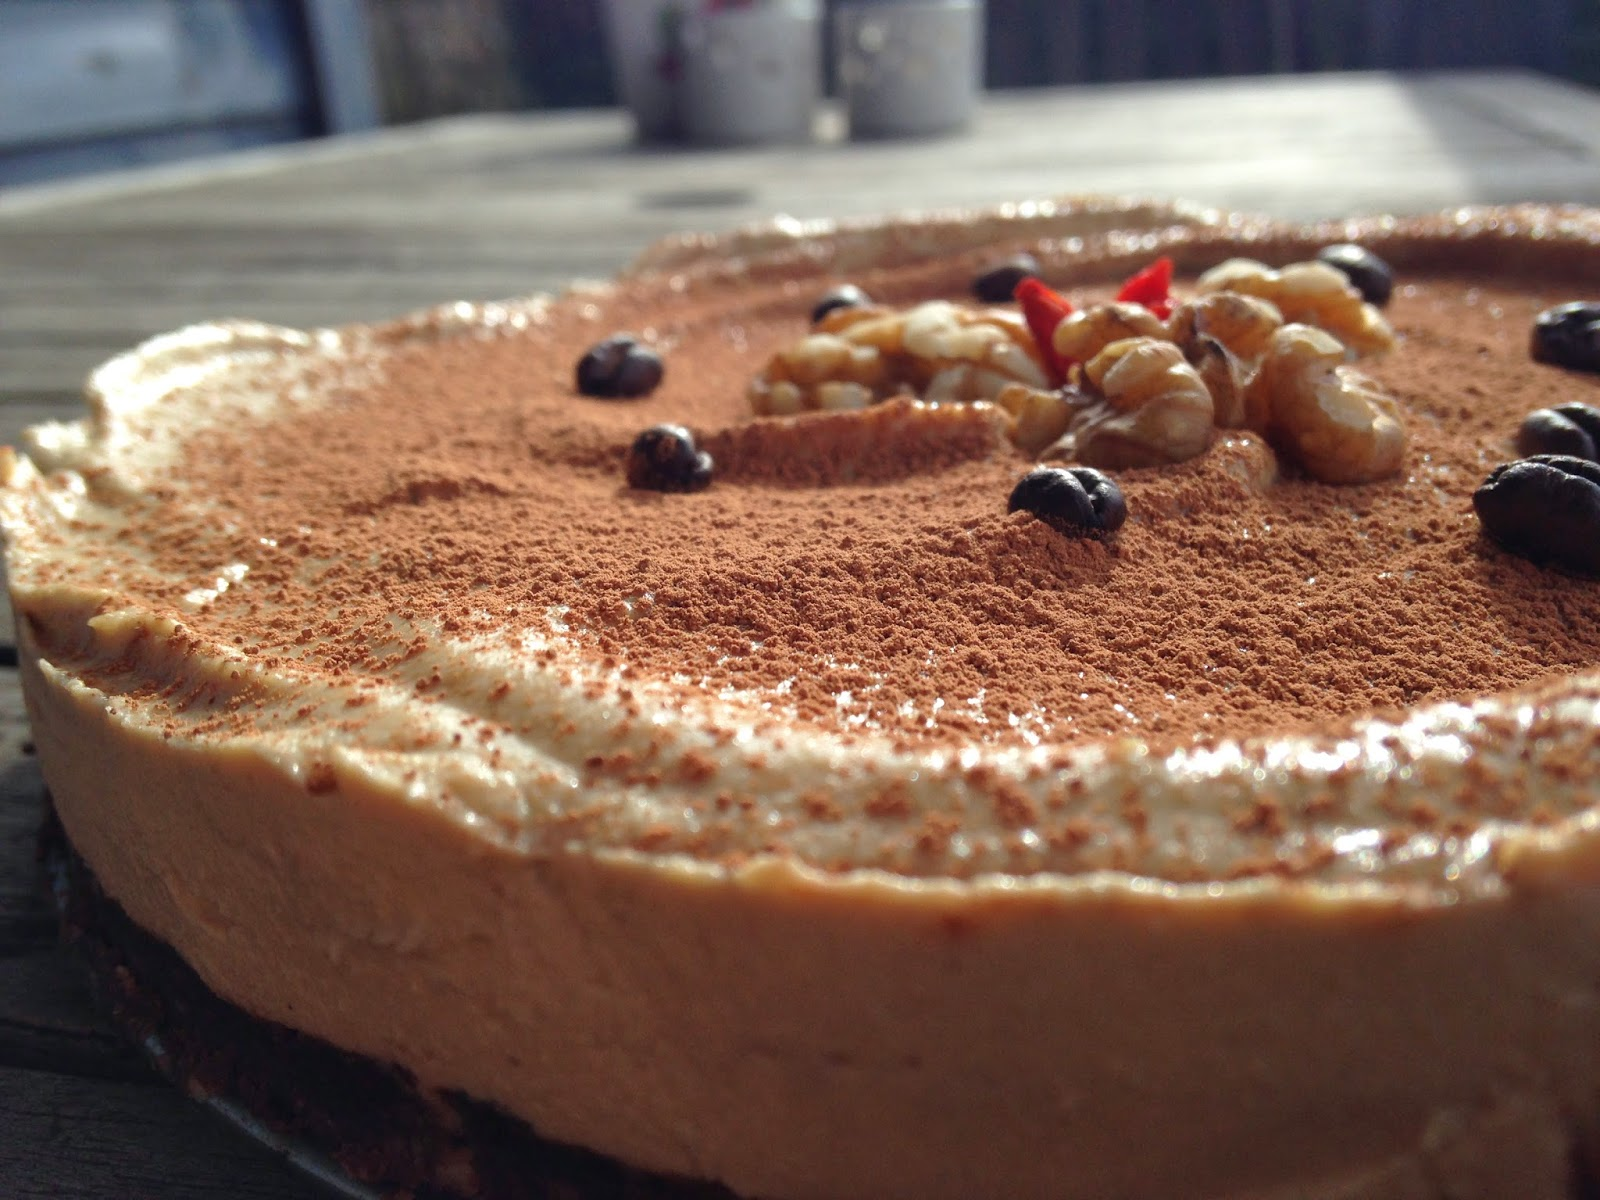 Kawa z wanilią na czekoladzie (RAW) - Surowe tiramisu